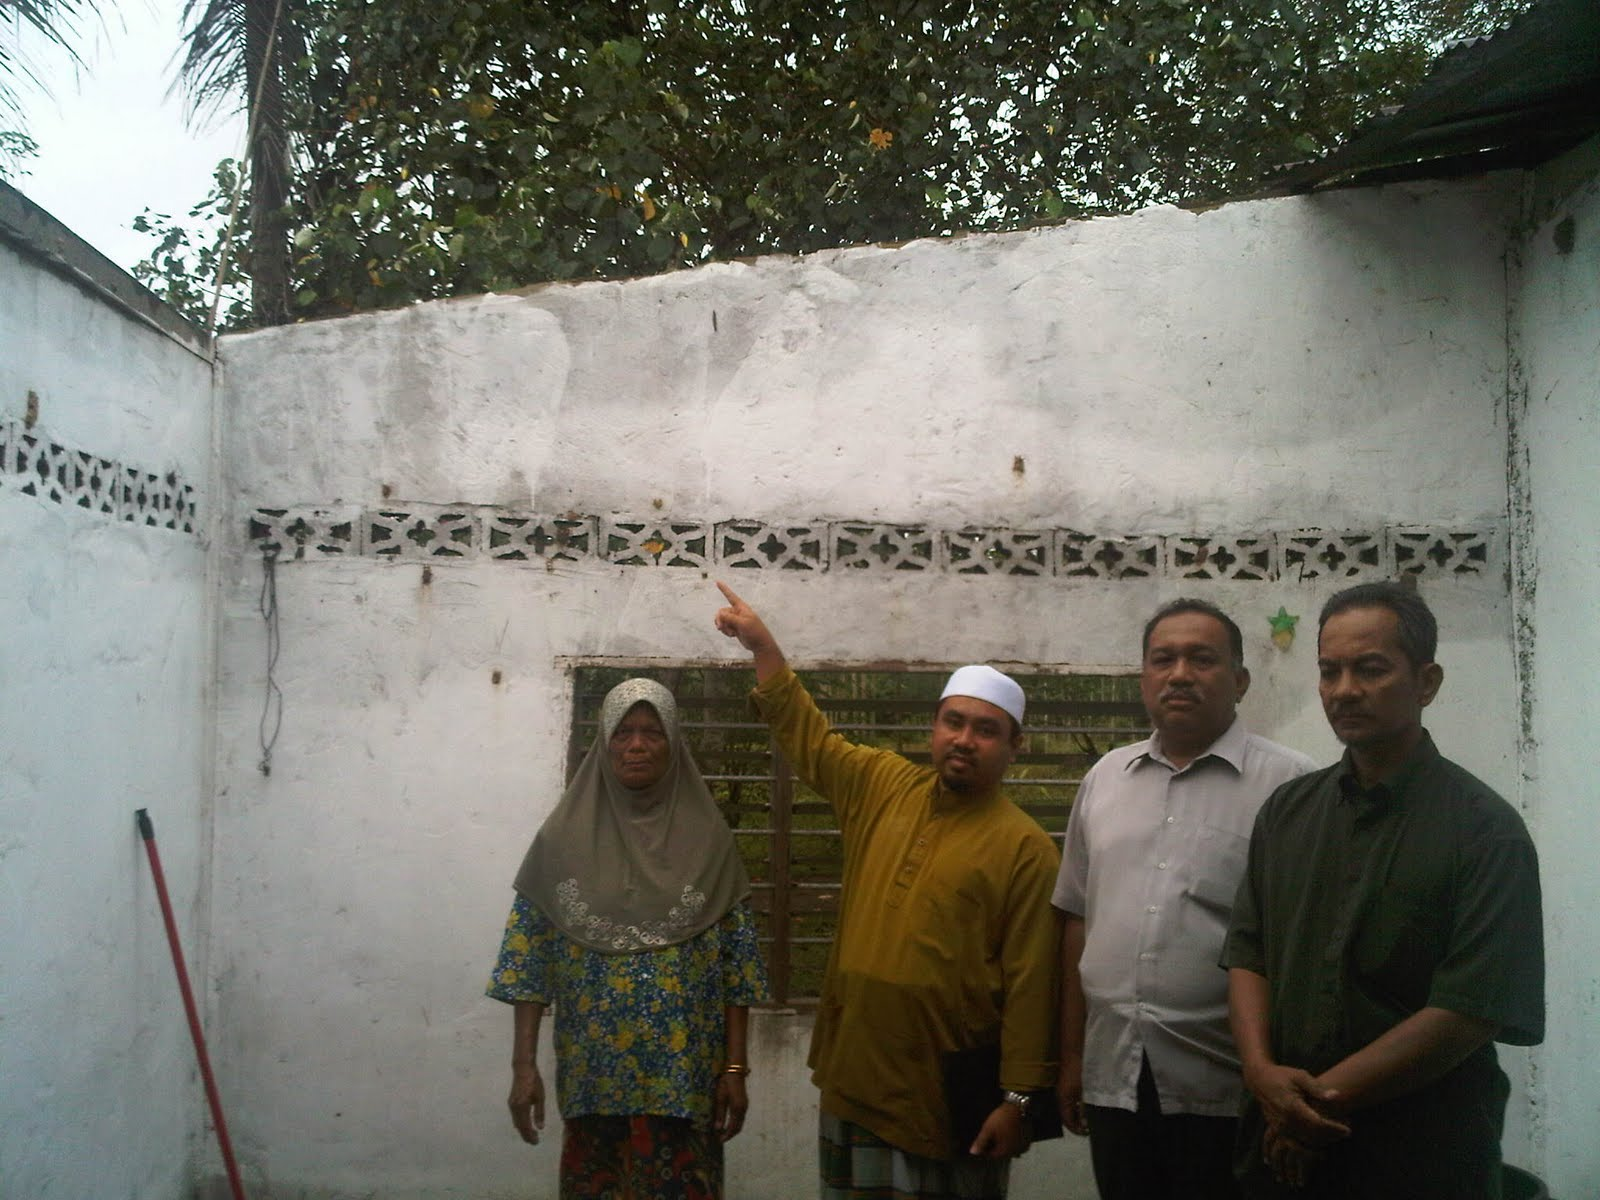 YB Ustaz Mohd Nasir Zakaria menunjukan atap yang terkena ribut.Sebelah belaiu ialah isteri kepada En Ismail.Turut bersama ialah MKK Tandop Besar Sdr Omar Mad Zain ( Berbaju Hijau) Dan Pengarah Majlis Tindakan Dun Pedu saudara Shukri Abdullah.)